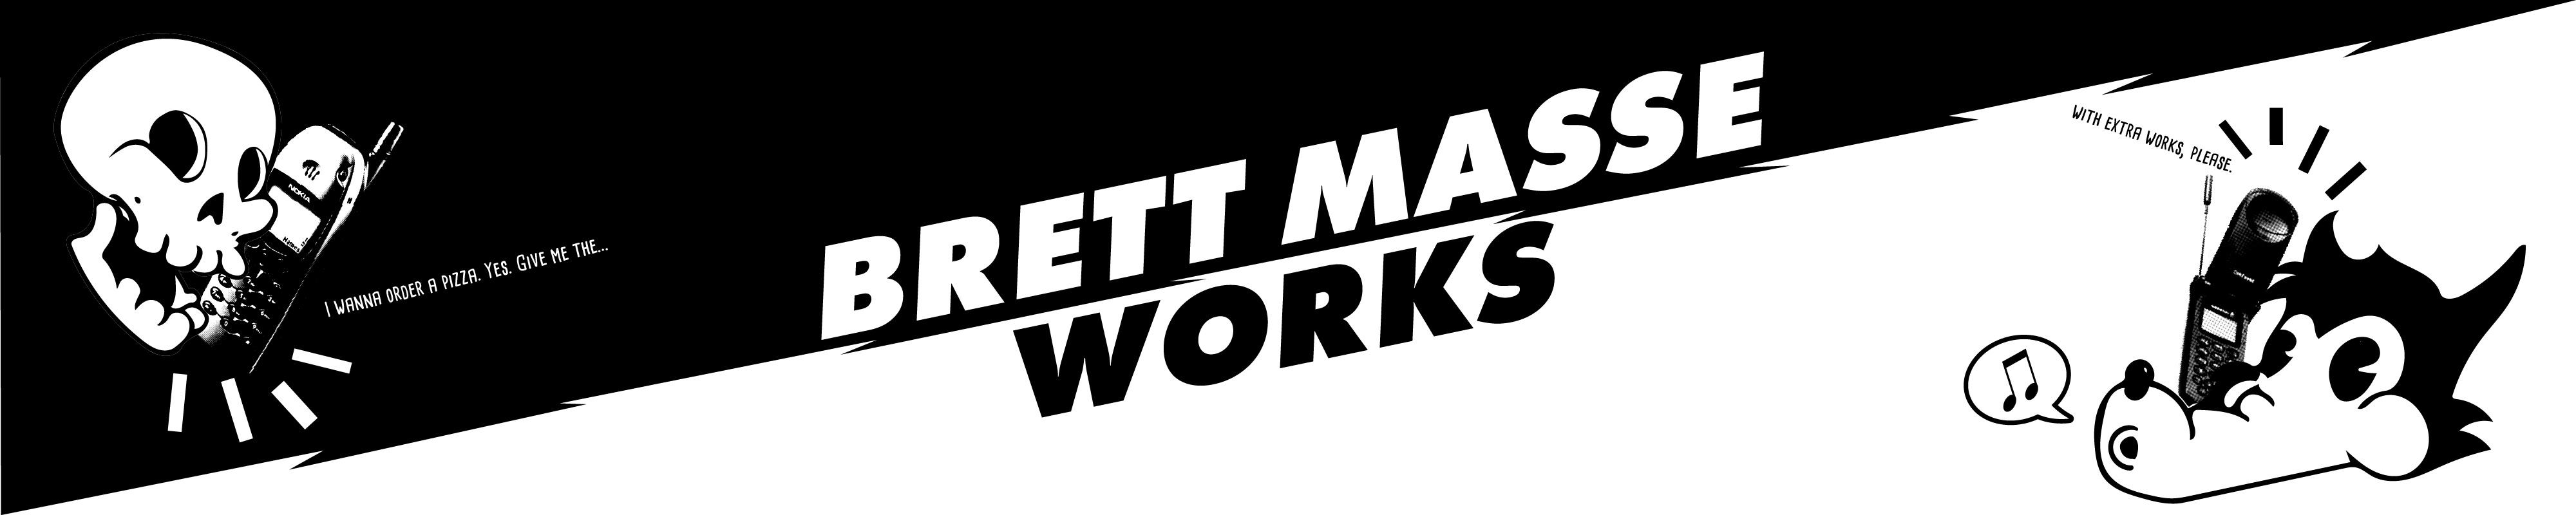 brettmasseworks Cover